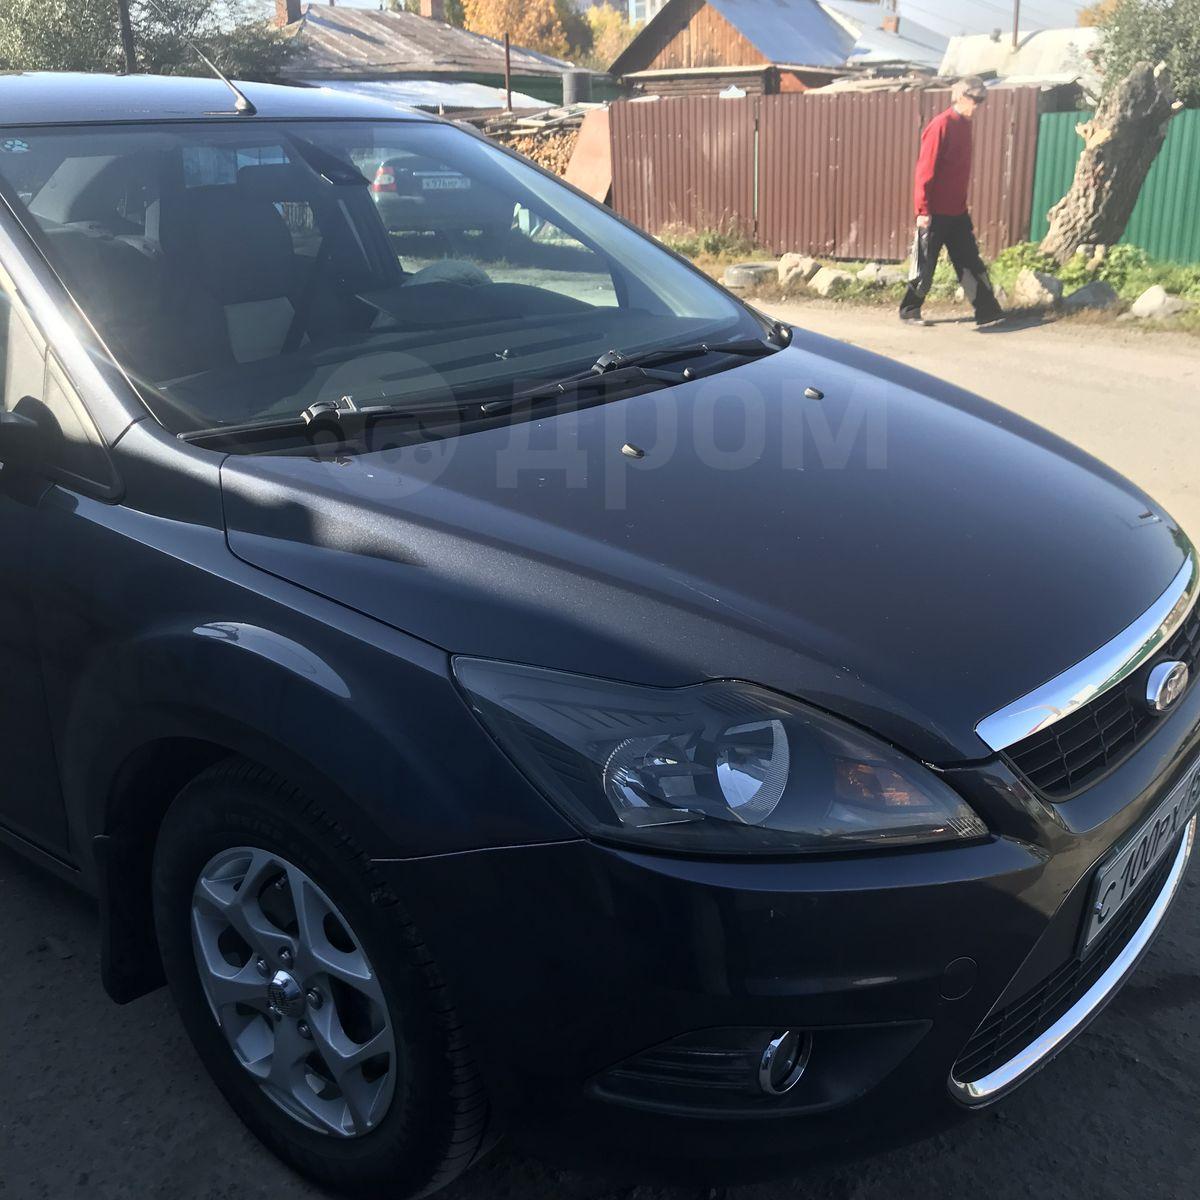 637b3ee5d532 Купить автомобиль Форд Фокус в Новосибирске, Машина в хорошем ...